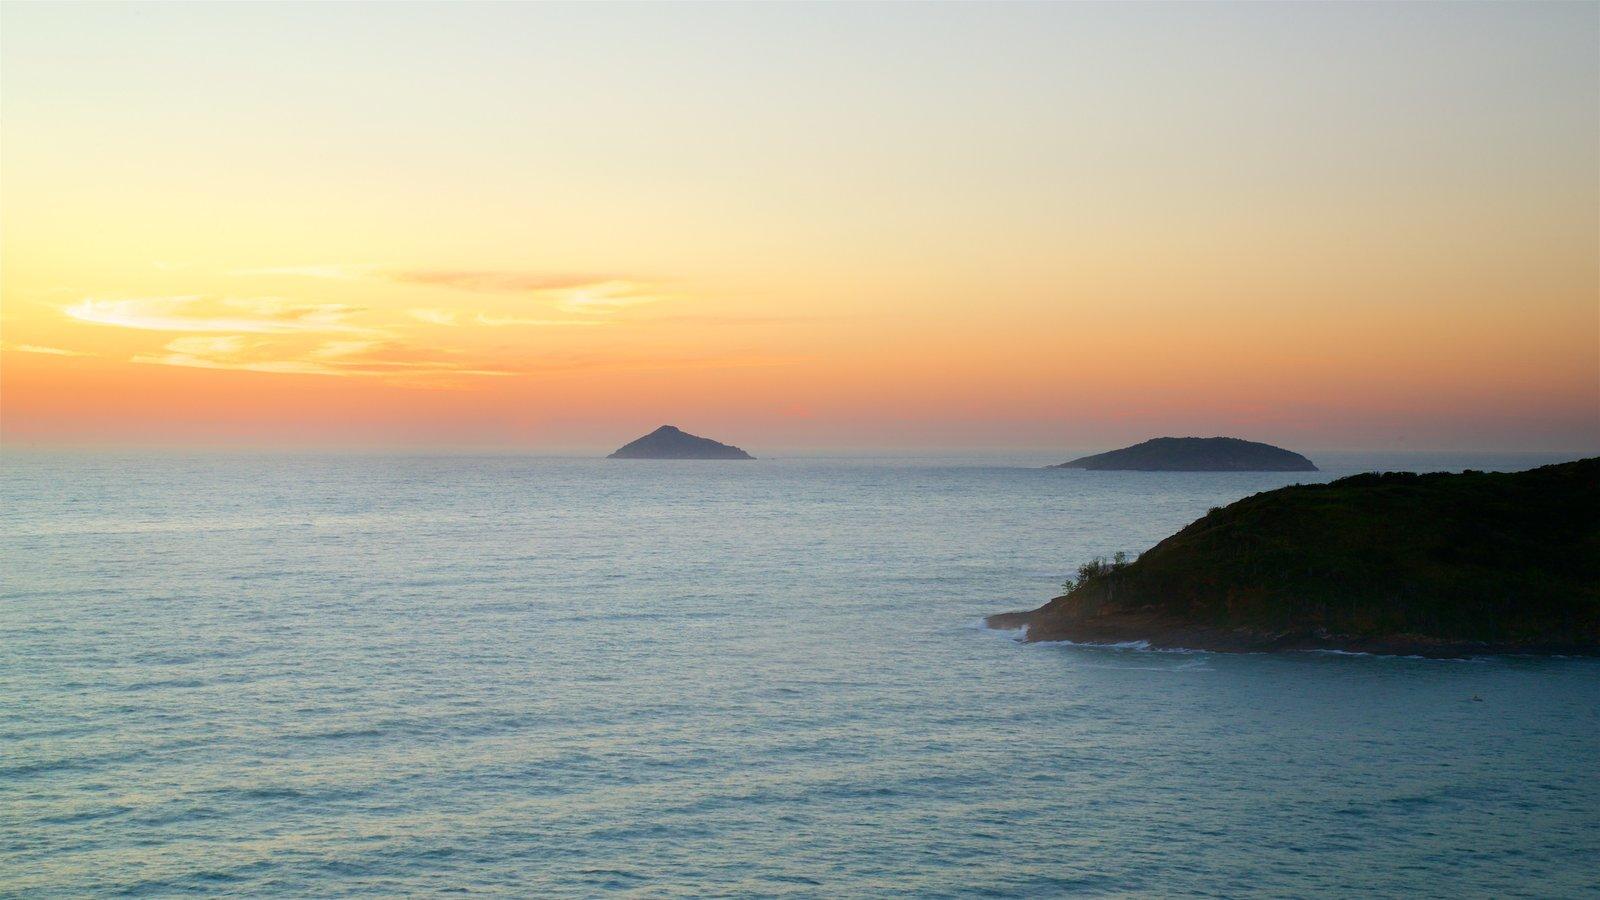 Mirante de João Fernandes que inclui um pôr do sol, paisagem e paisagens litorâneas